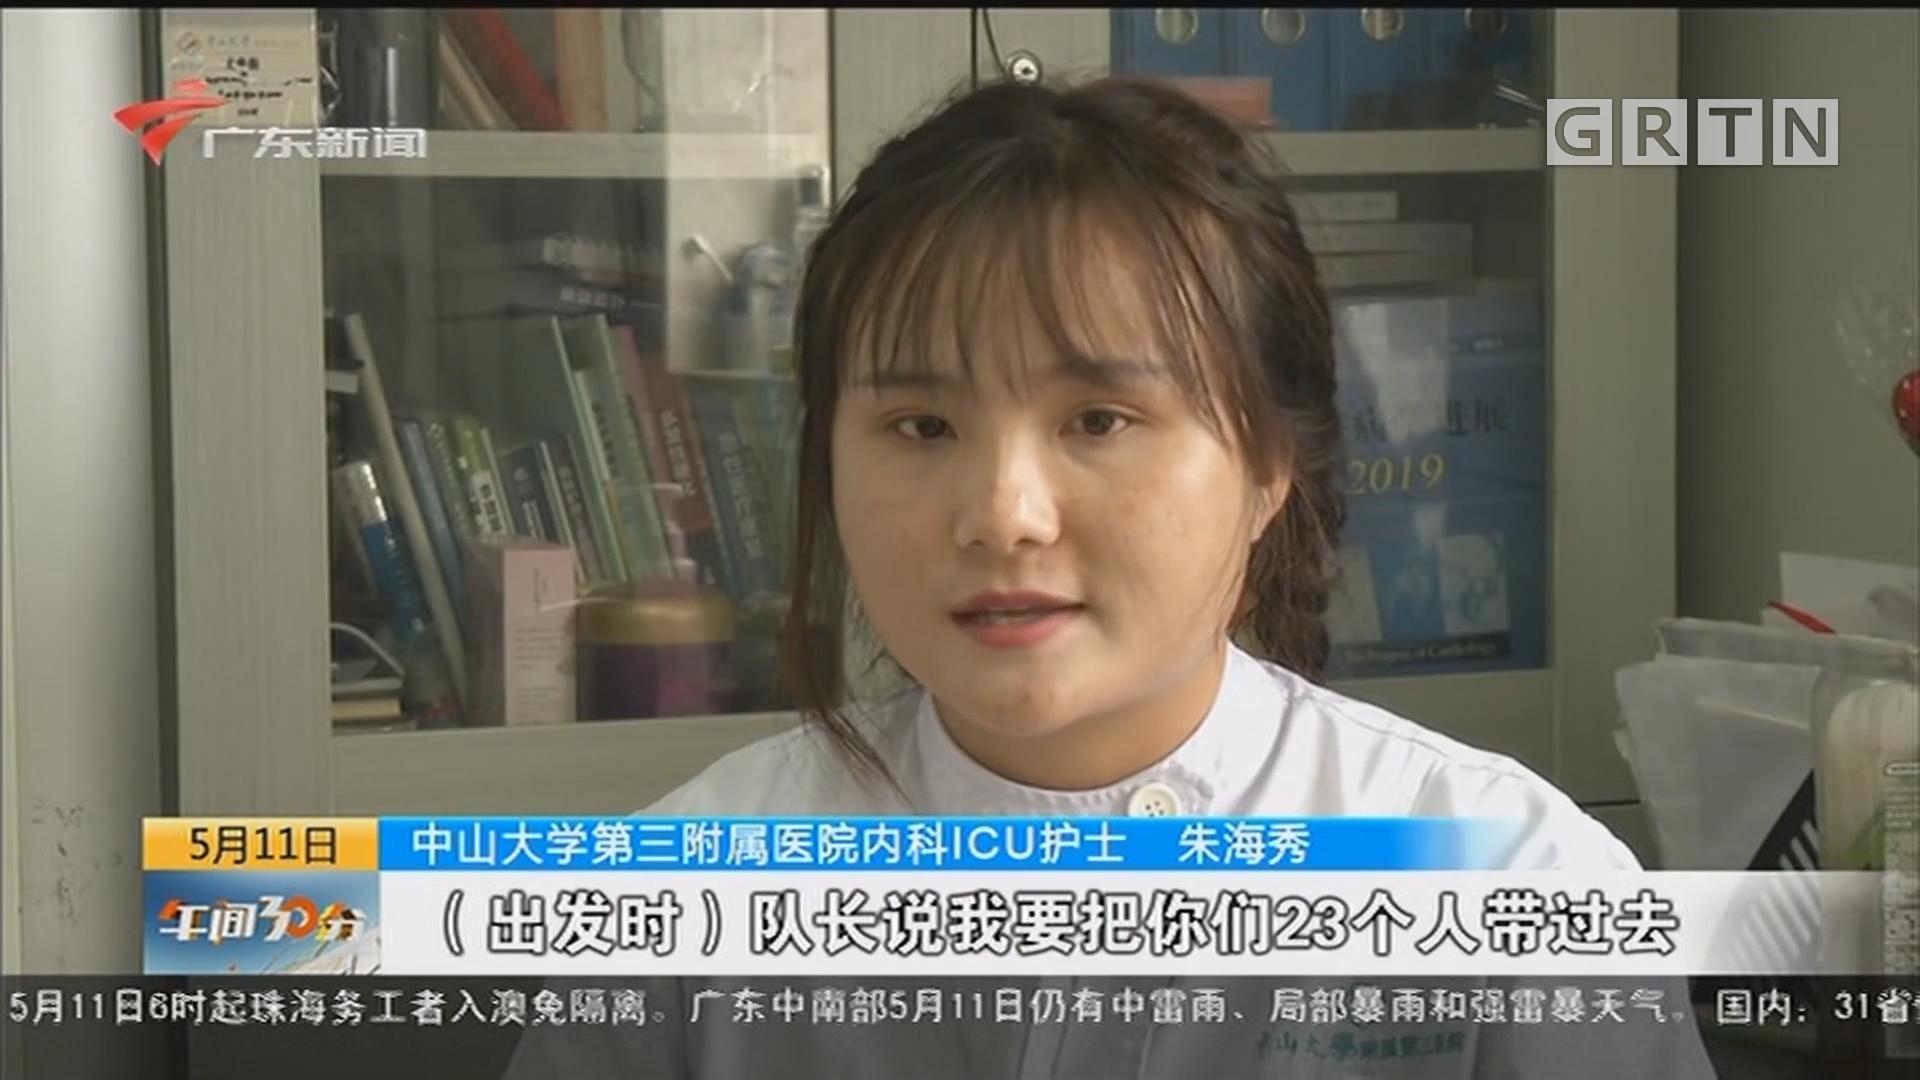 国际护士节新闻特写:摘下护目镜的朱海秀 经历一线抗疫 对自己的要求更高